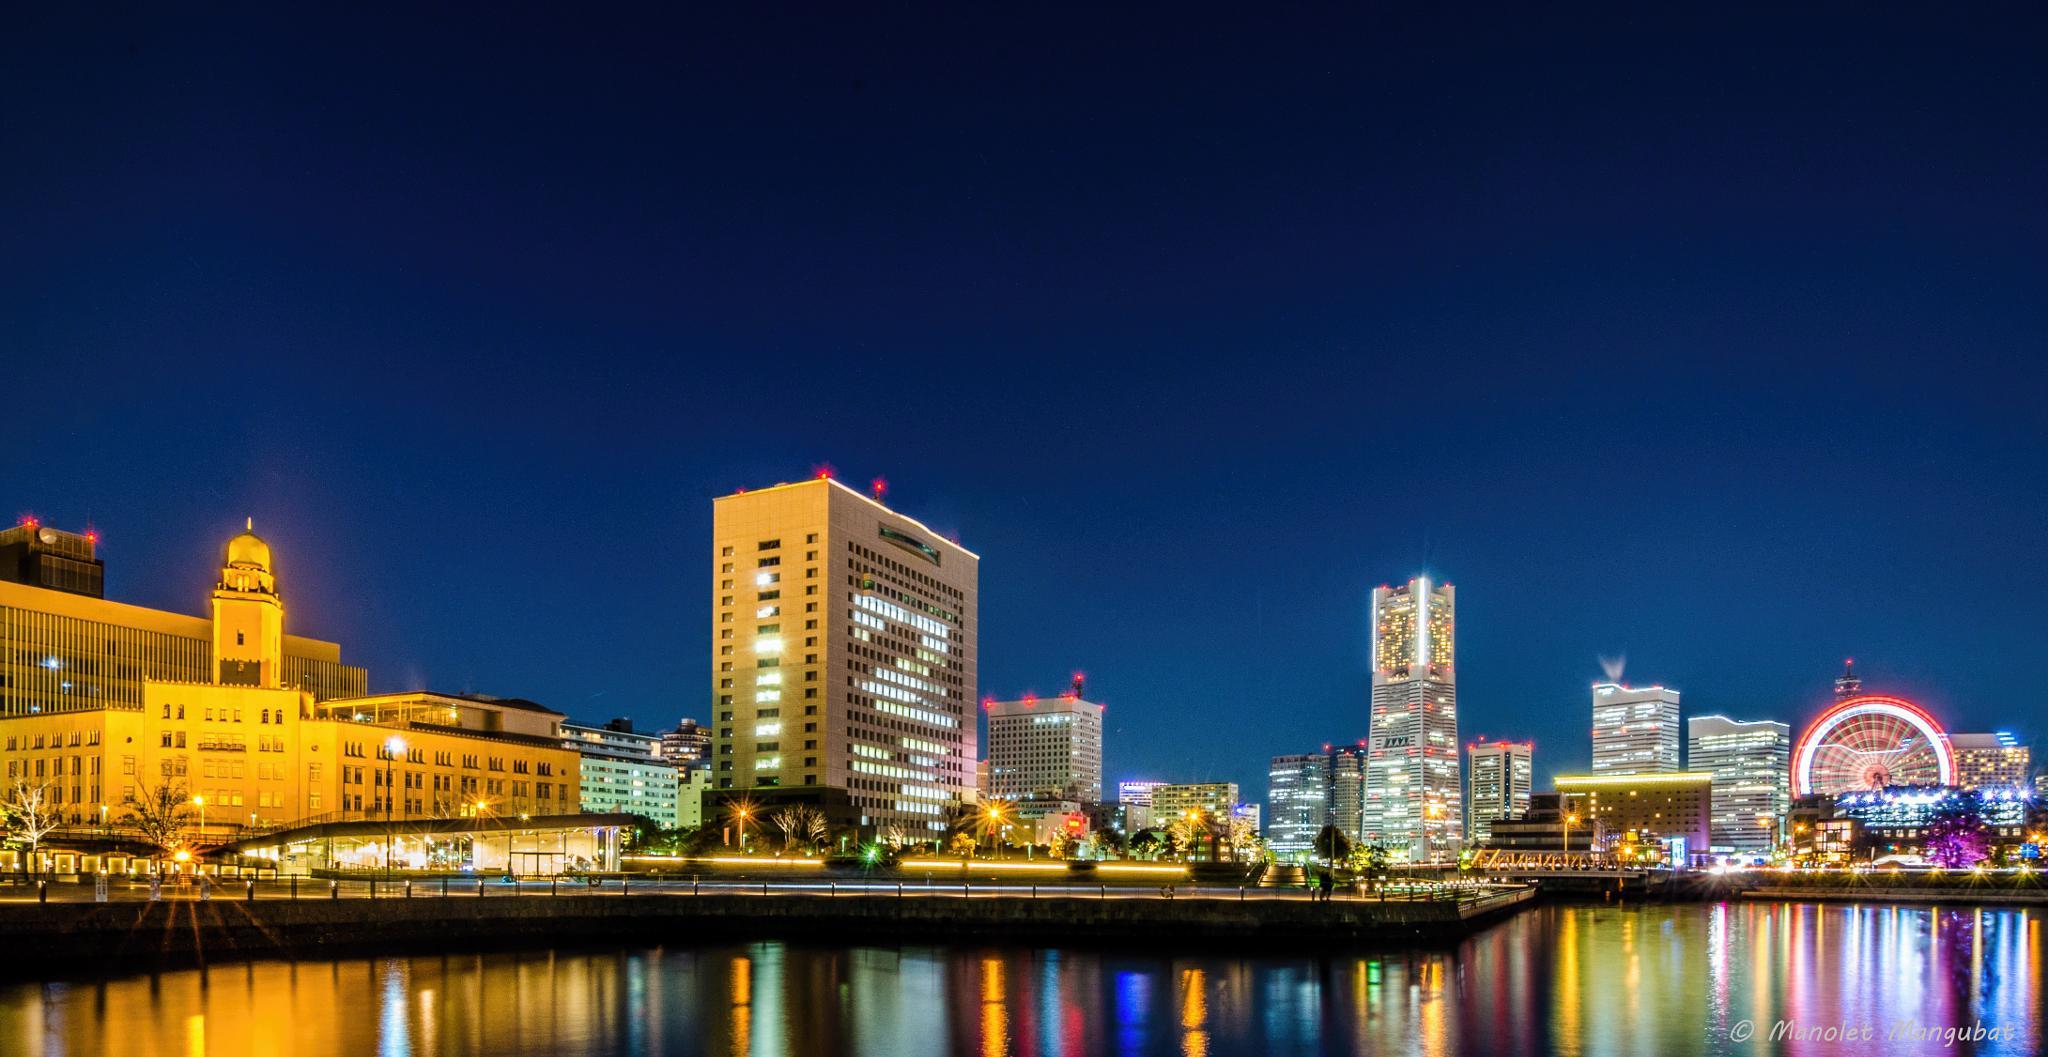 Minato Mirai by wakawshitabugnam